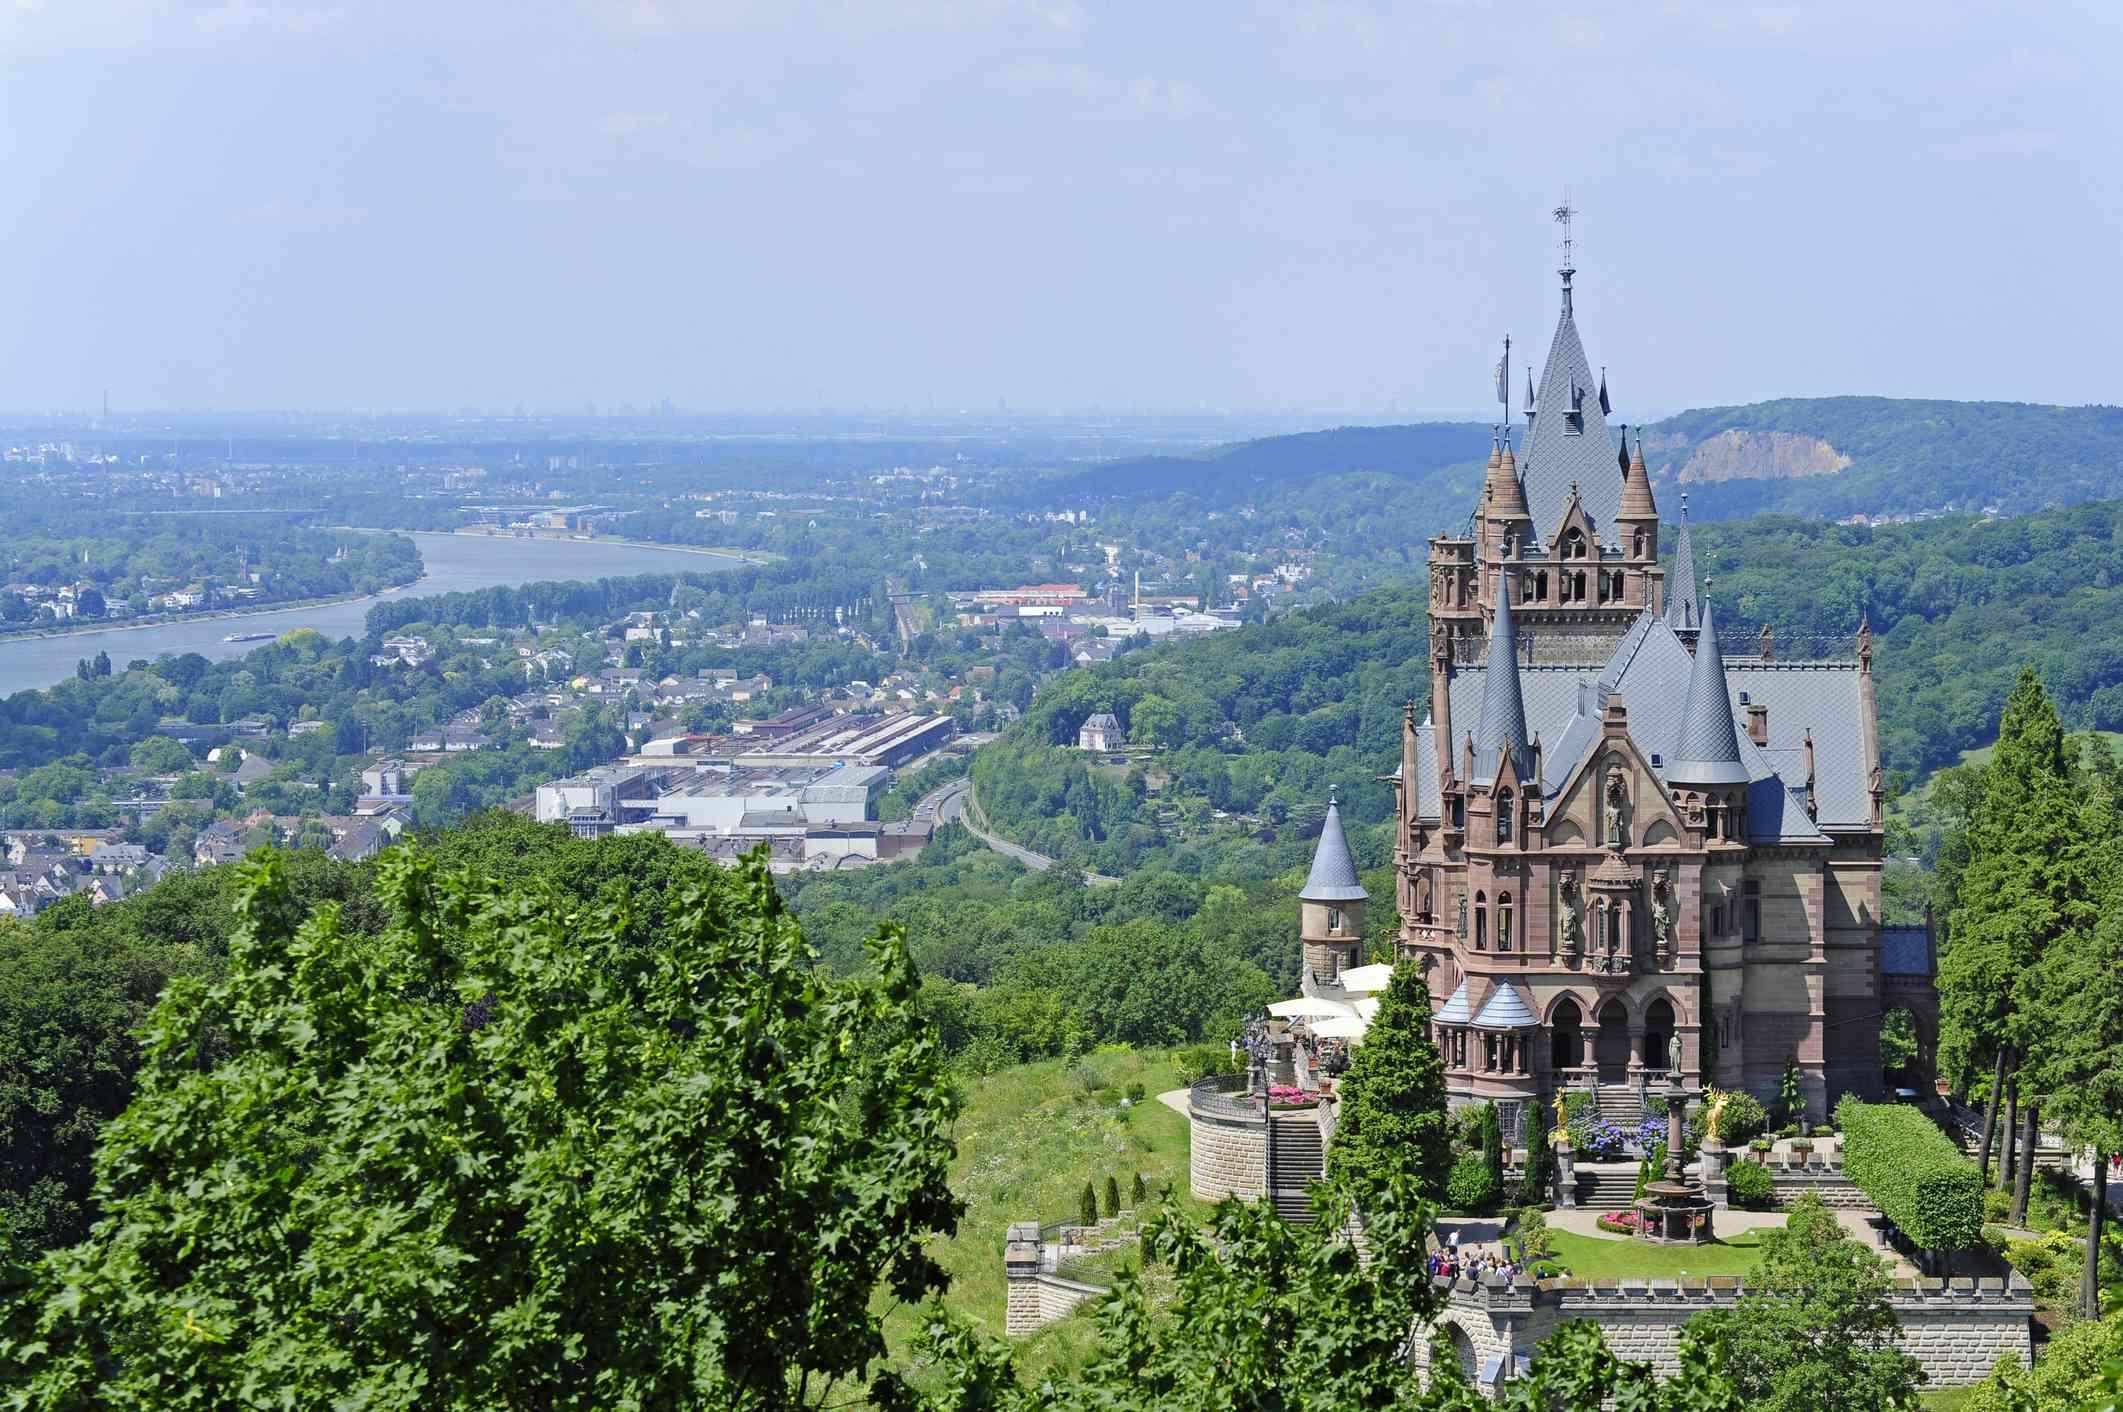 Drachenburg Castle